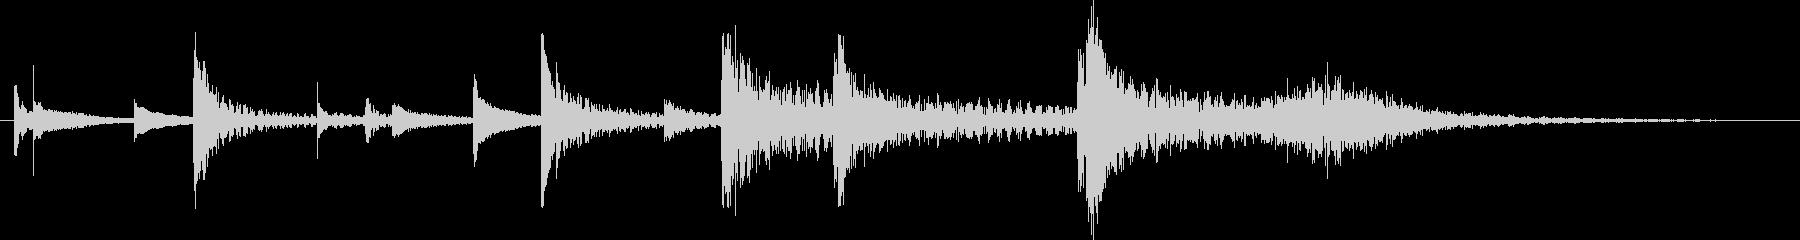 短いキシロフォンとドラムアクセントの未再生の波形